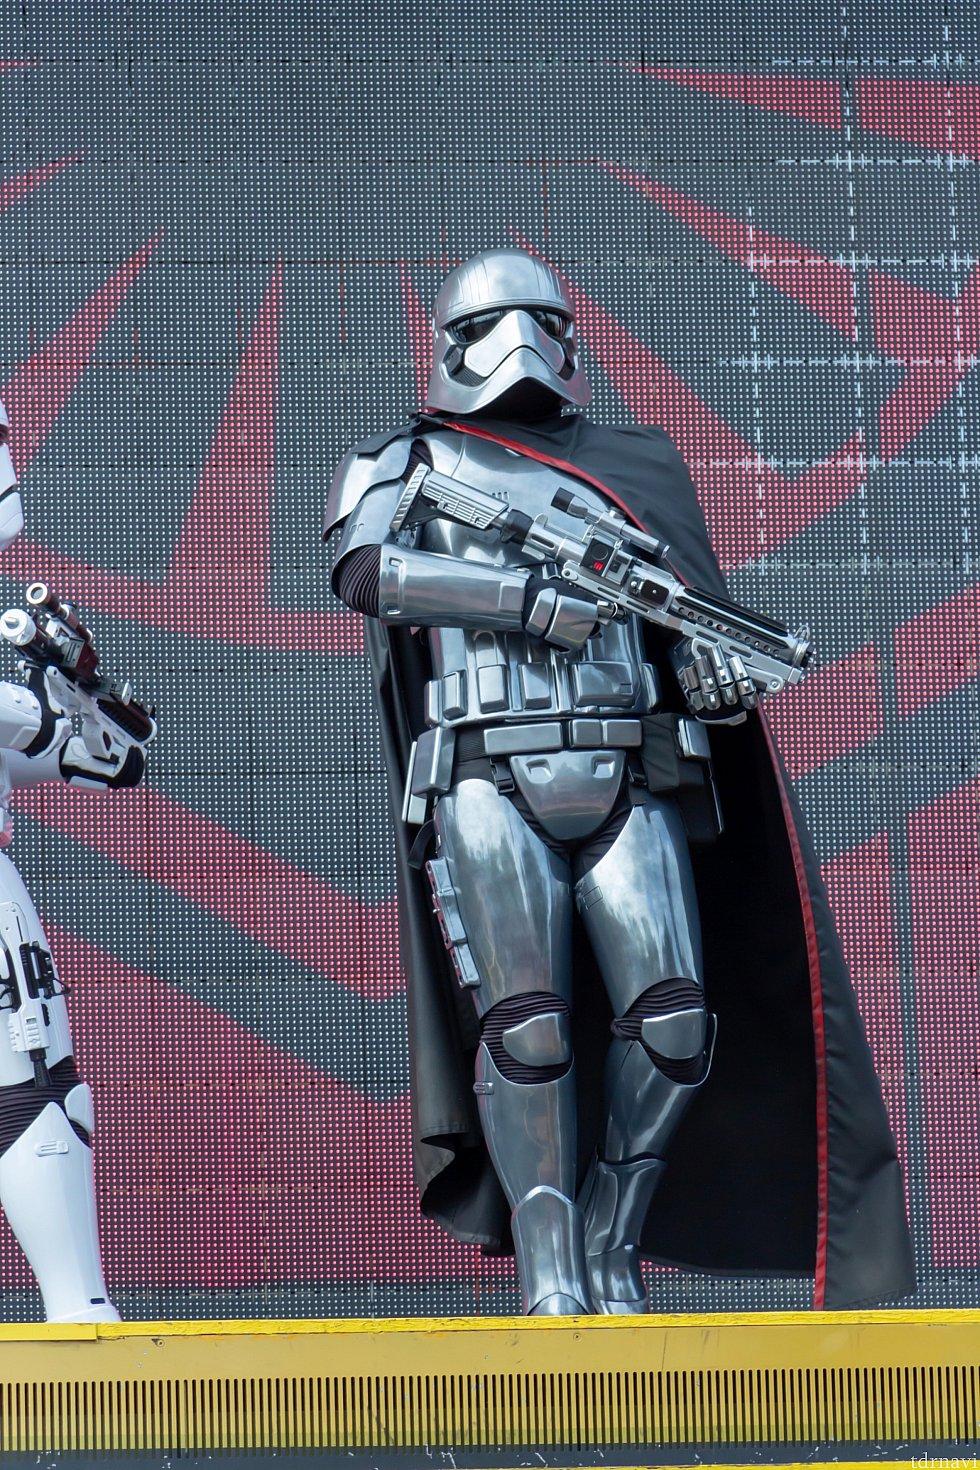 キャプテン・ファズマはMarch of the first orderでも会えます🙌